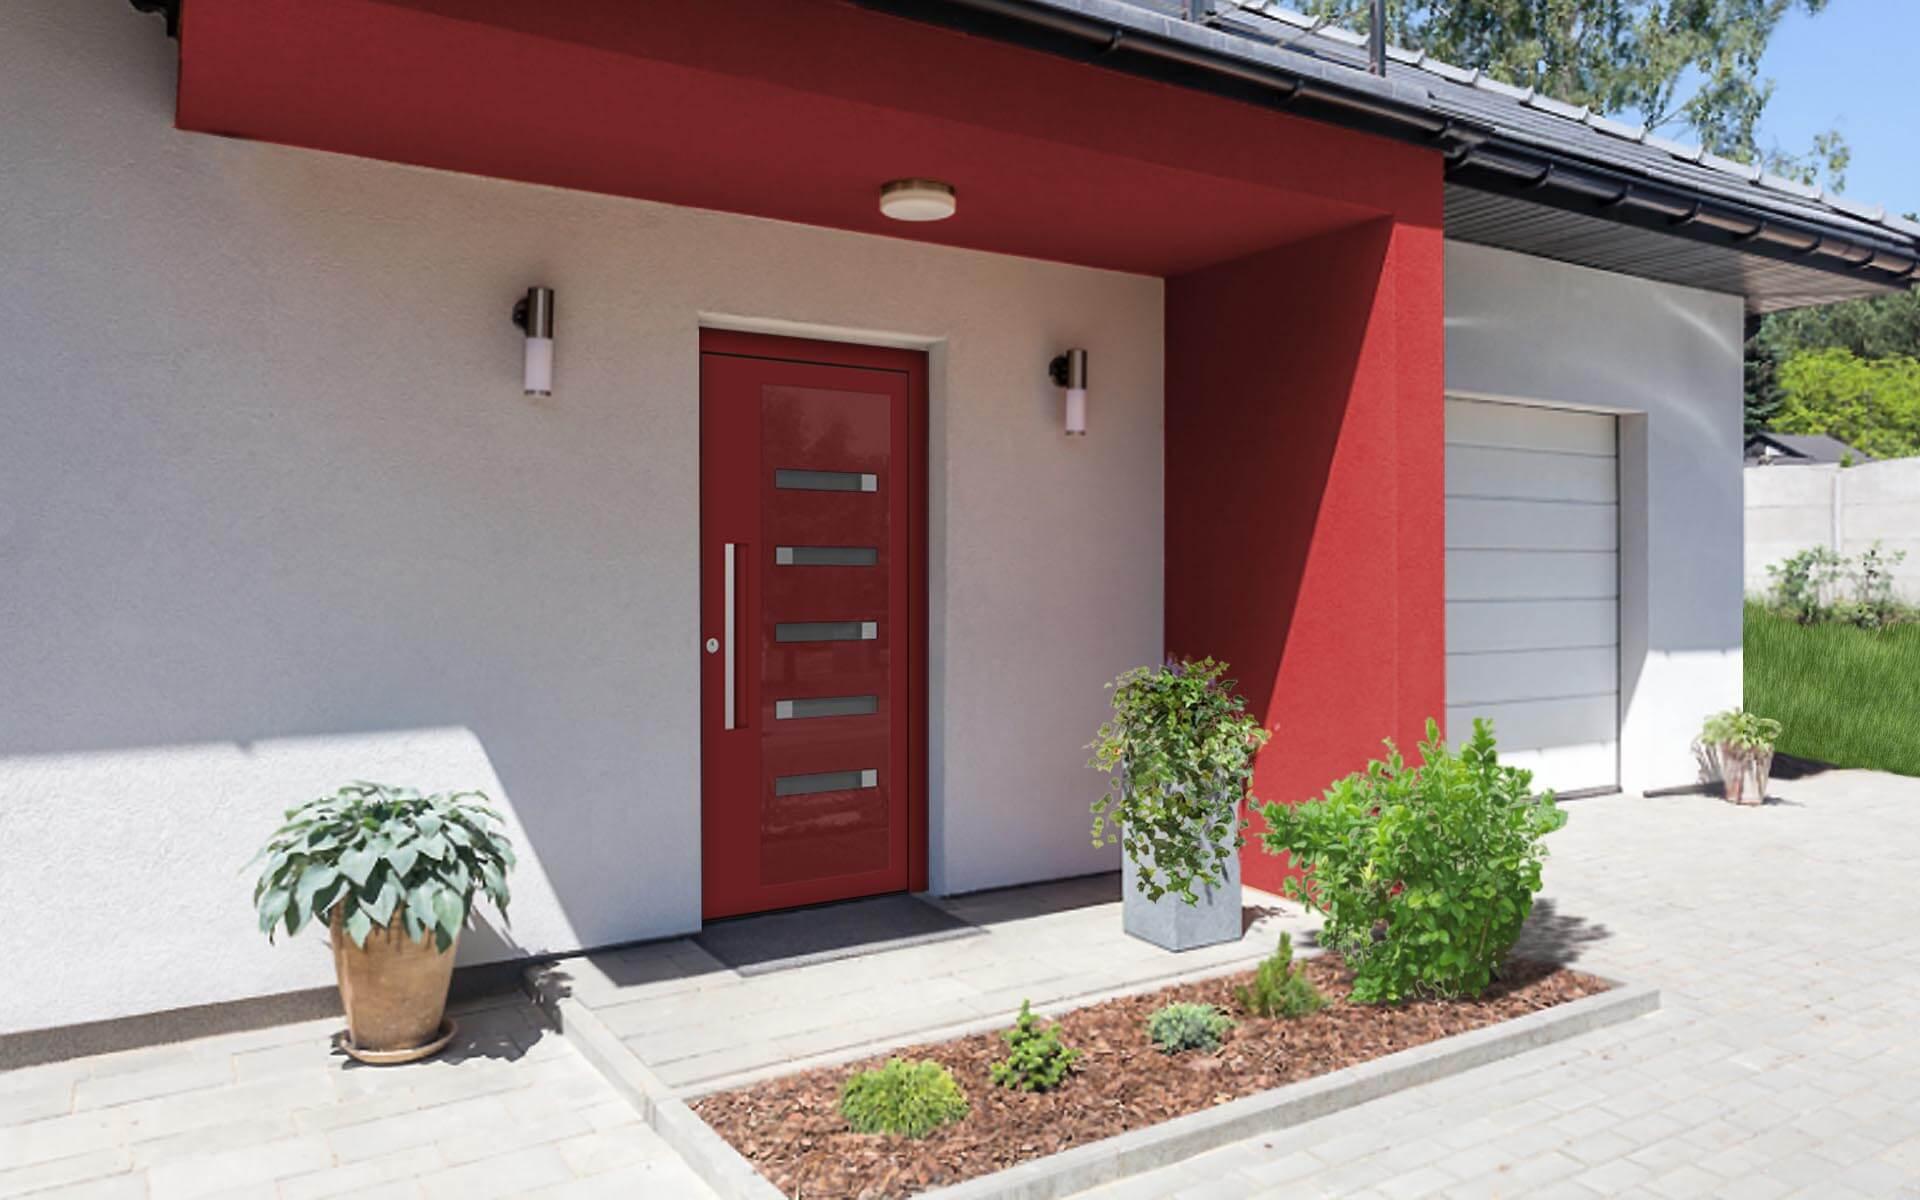 Hliníkové vchodové dvere s odolnou výplňou s dilatačným jadrom v červenej farbe na rodinnom dome